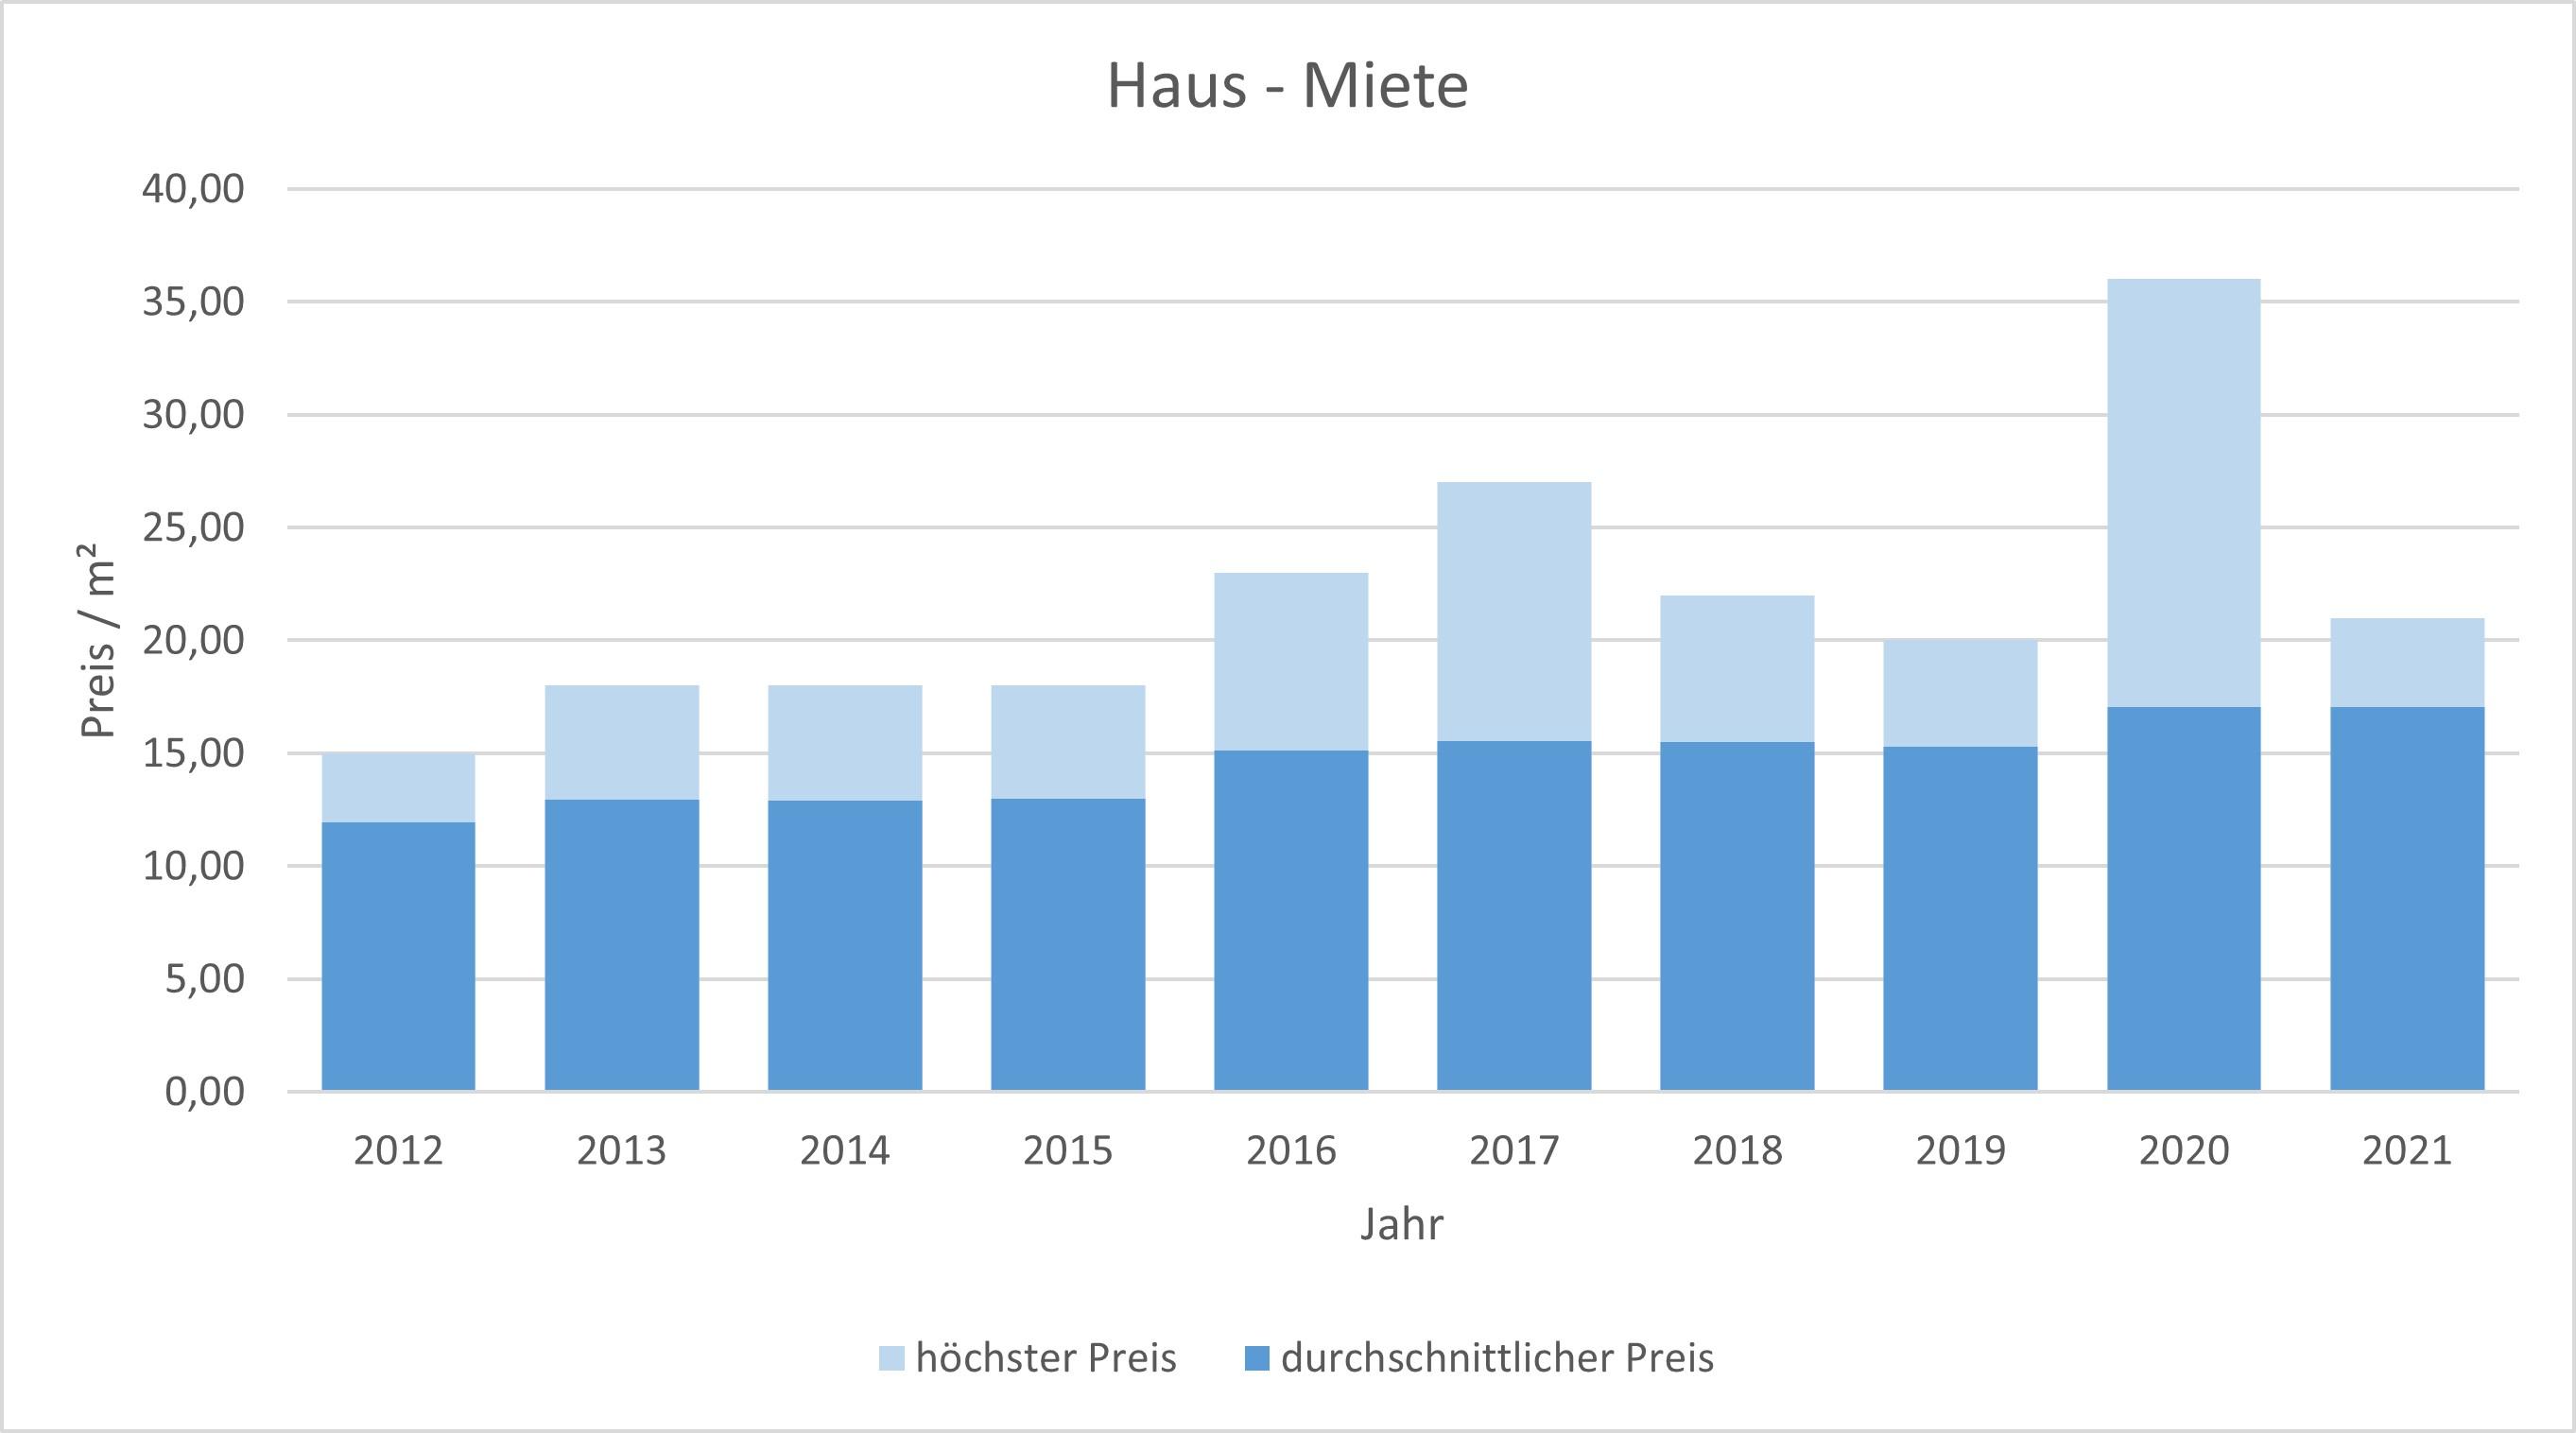 unterhaching-haus-wohnung-vermieten-mieten-makler 2019 2020 2021